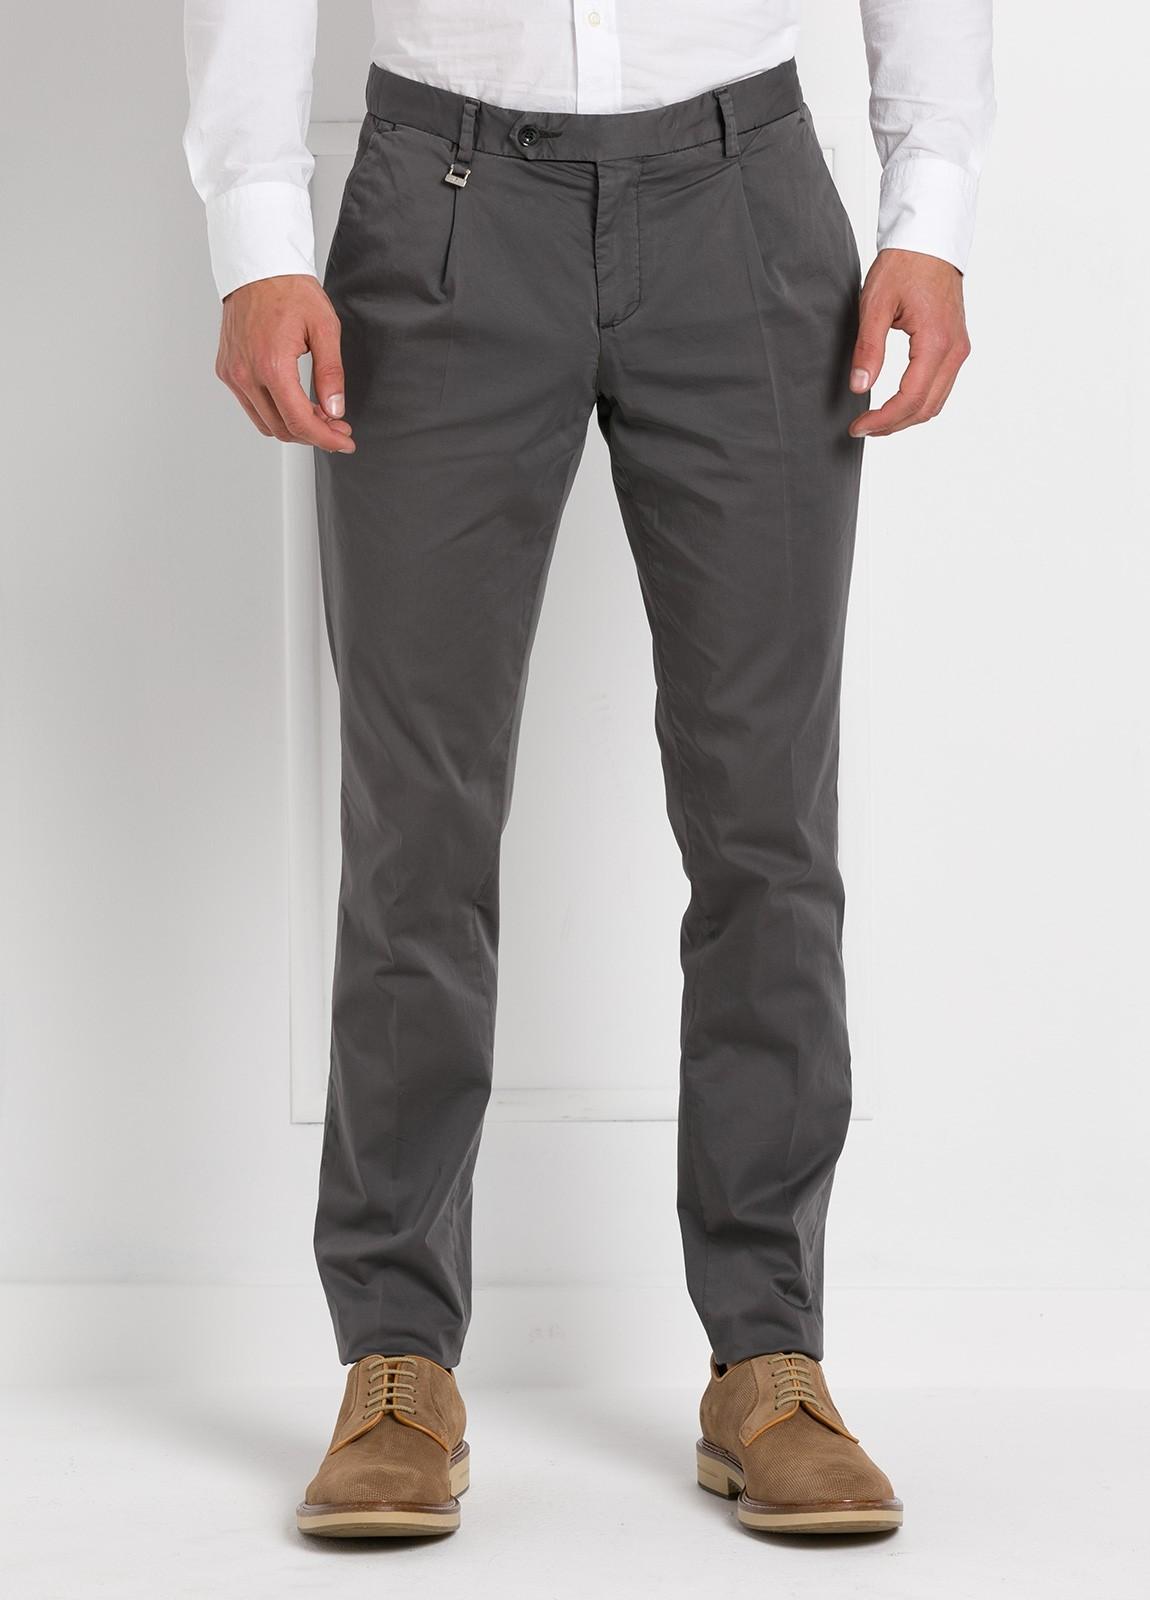 Pantalón modelo slim fit 1 pinza color gris oscuro. 97% Algodón 3% Ea.